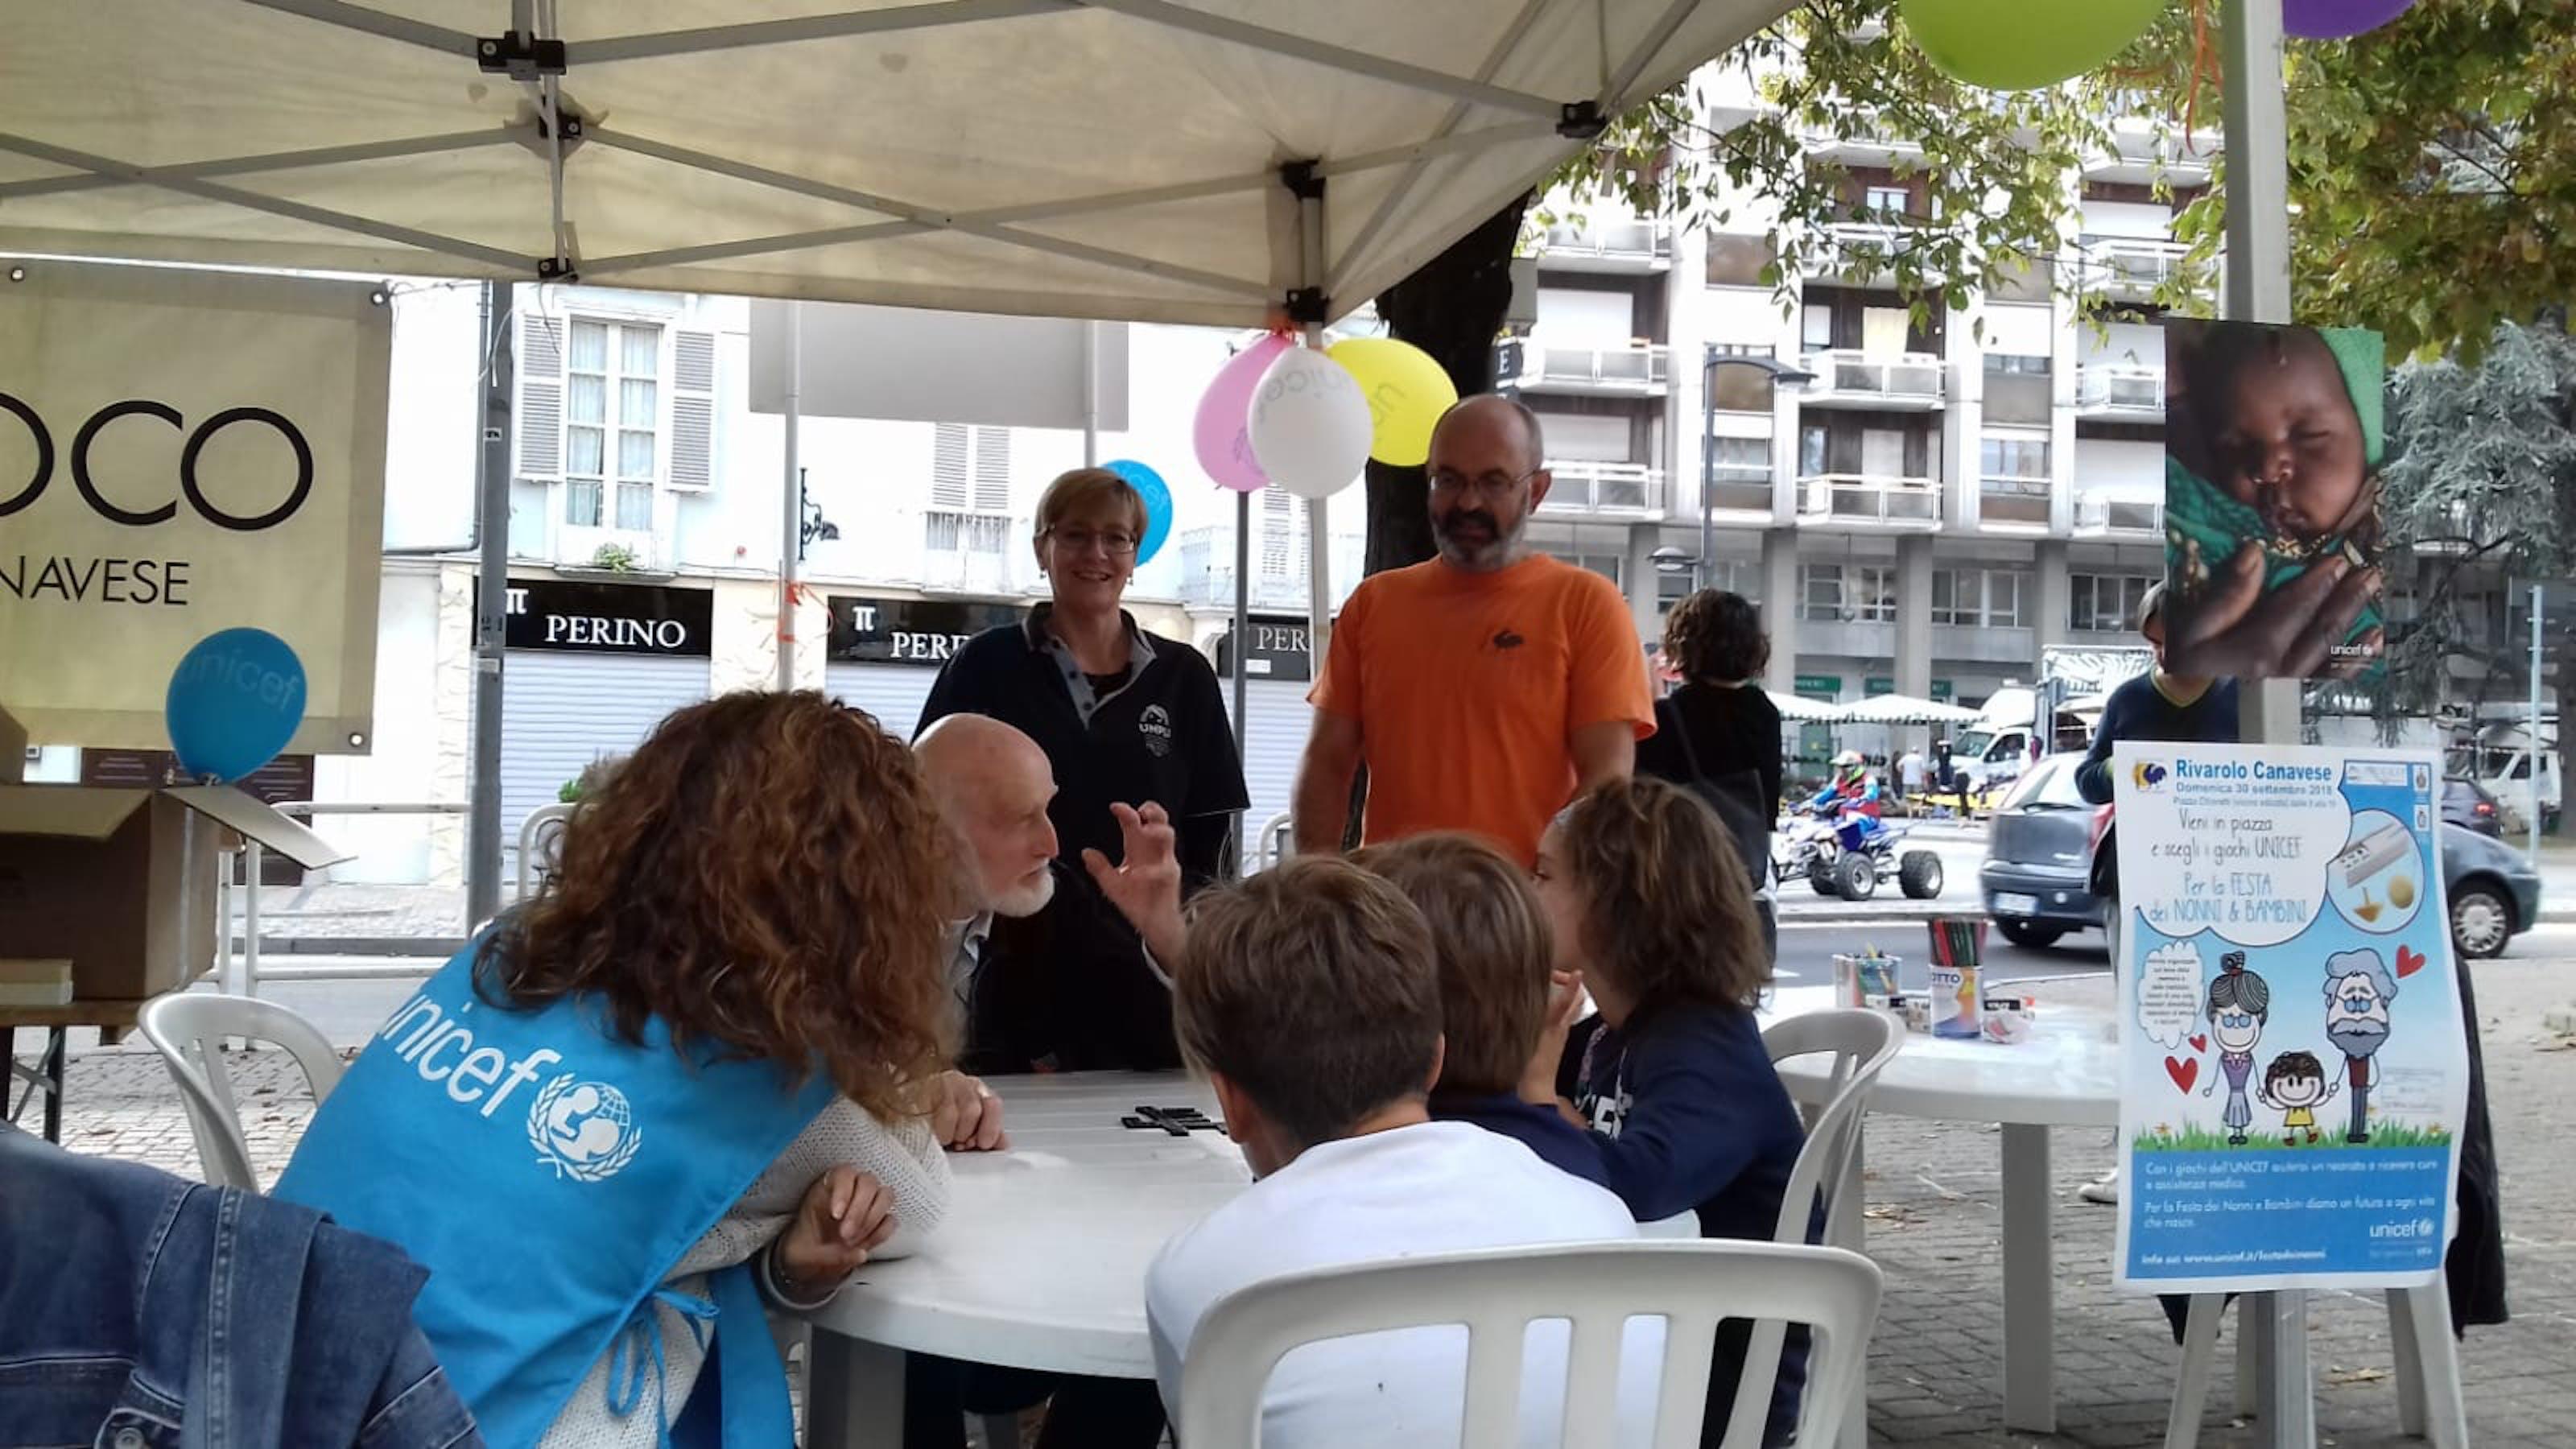 Organizzata a Rivarolo la Festa dei Nonni e Bambini in collaborazione con Pro Loco e Consiglio Comunale dei ragazzi